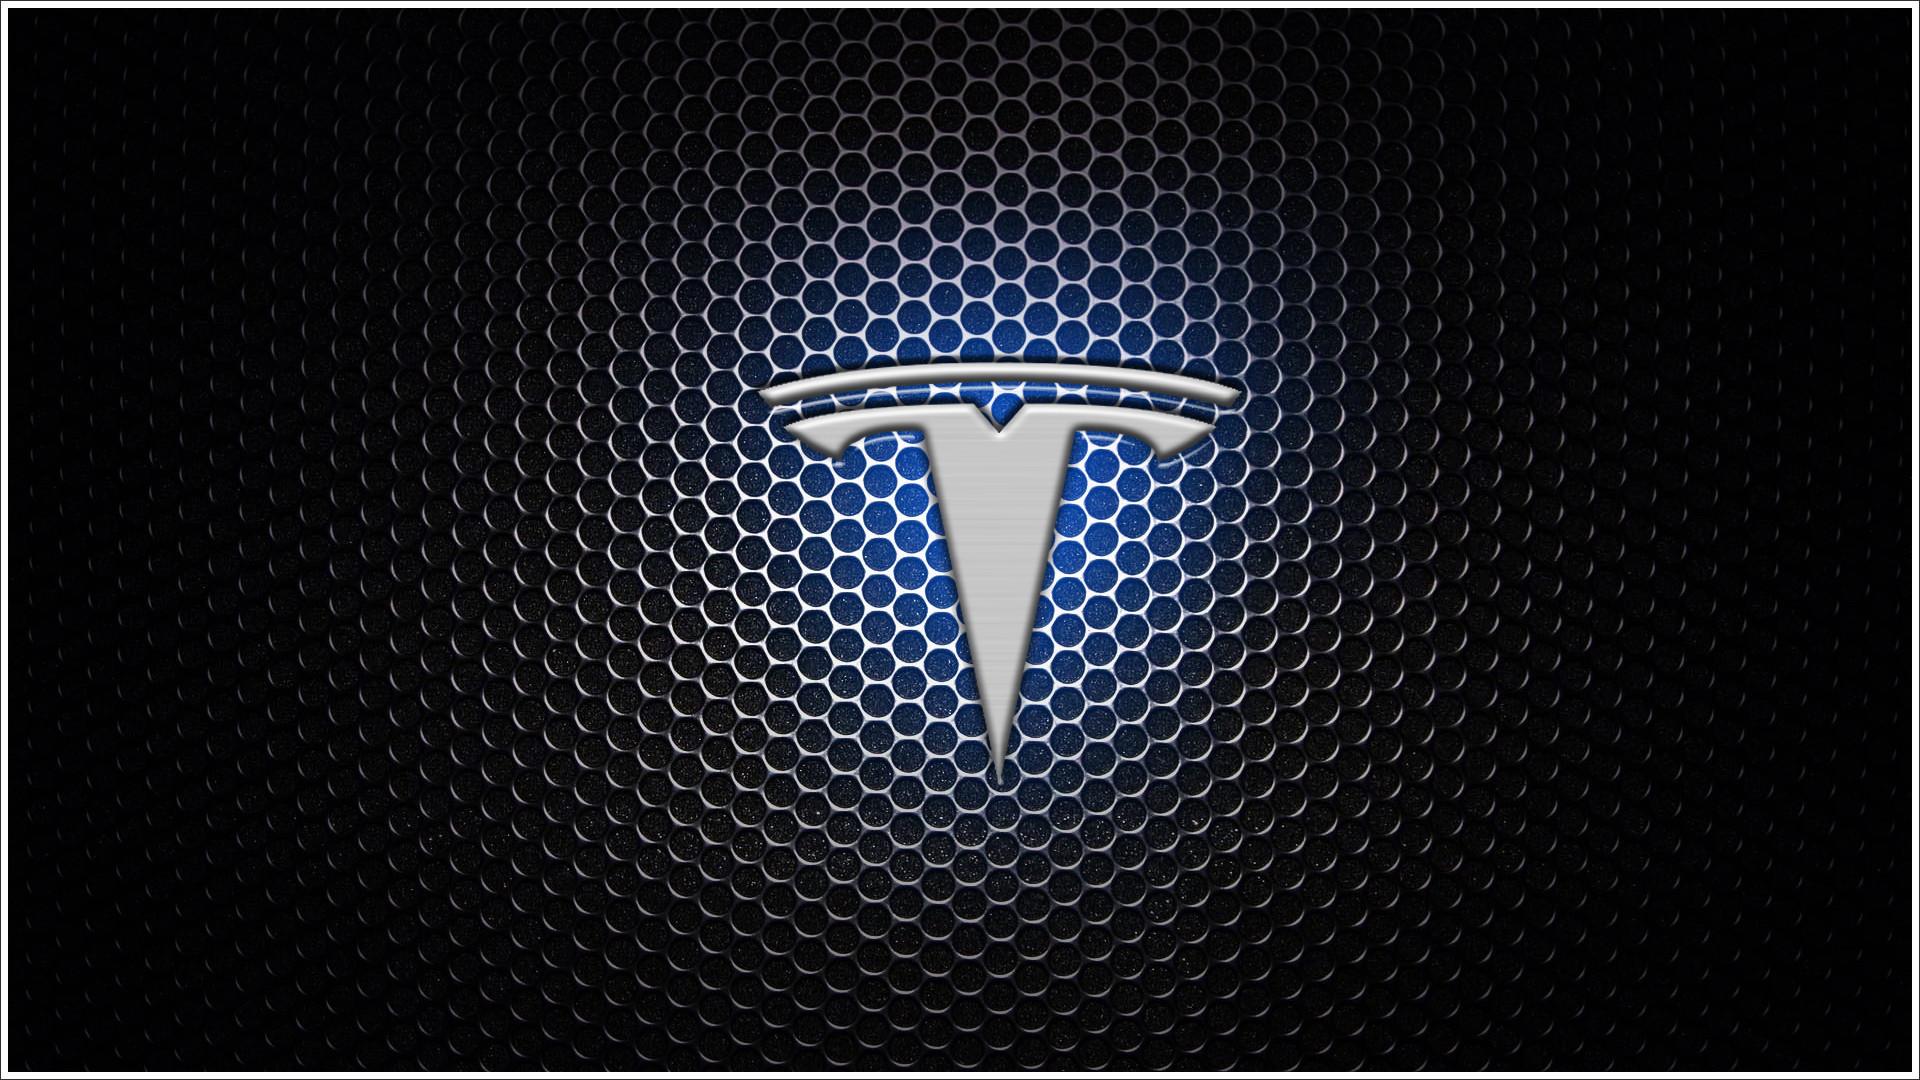 Simple Wallpaper Logo Lamborghini - 697457-gorgerous-car-logo-wallpaper-1920x1080-ipad-pro  HD_403310.jpg